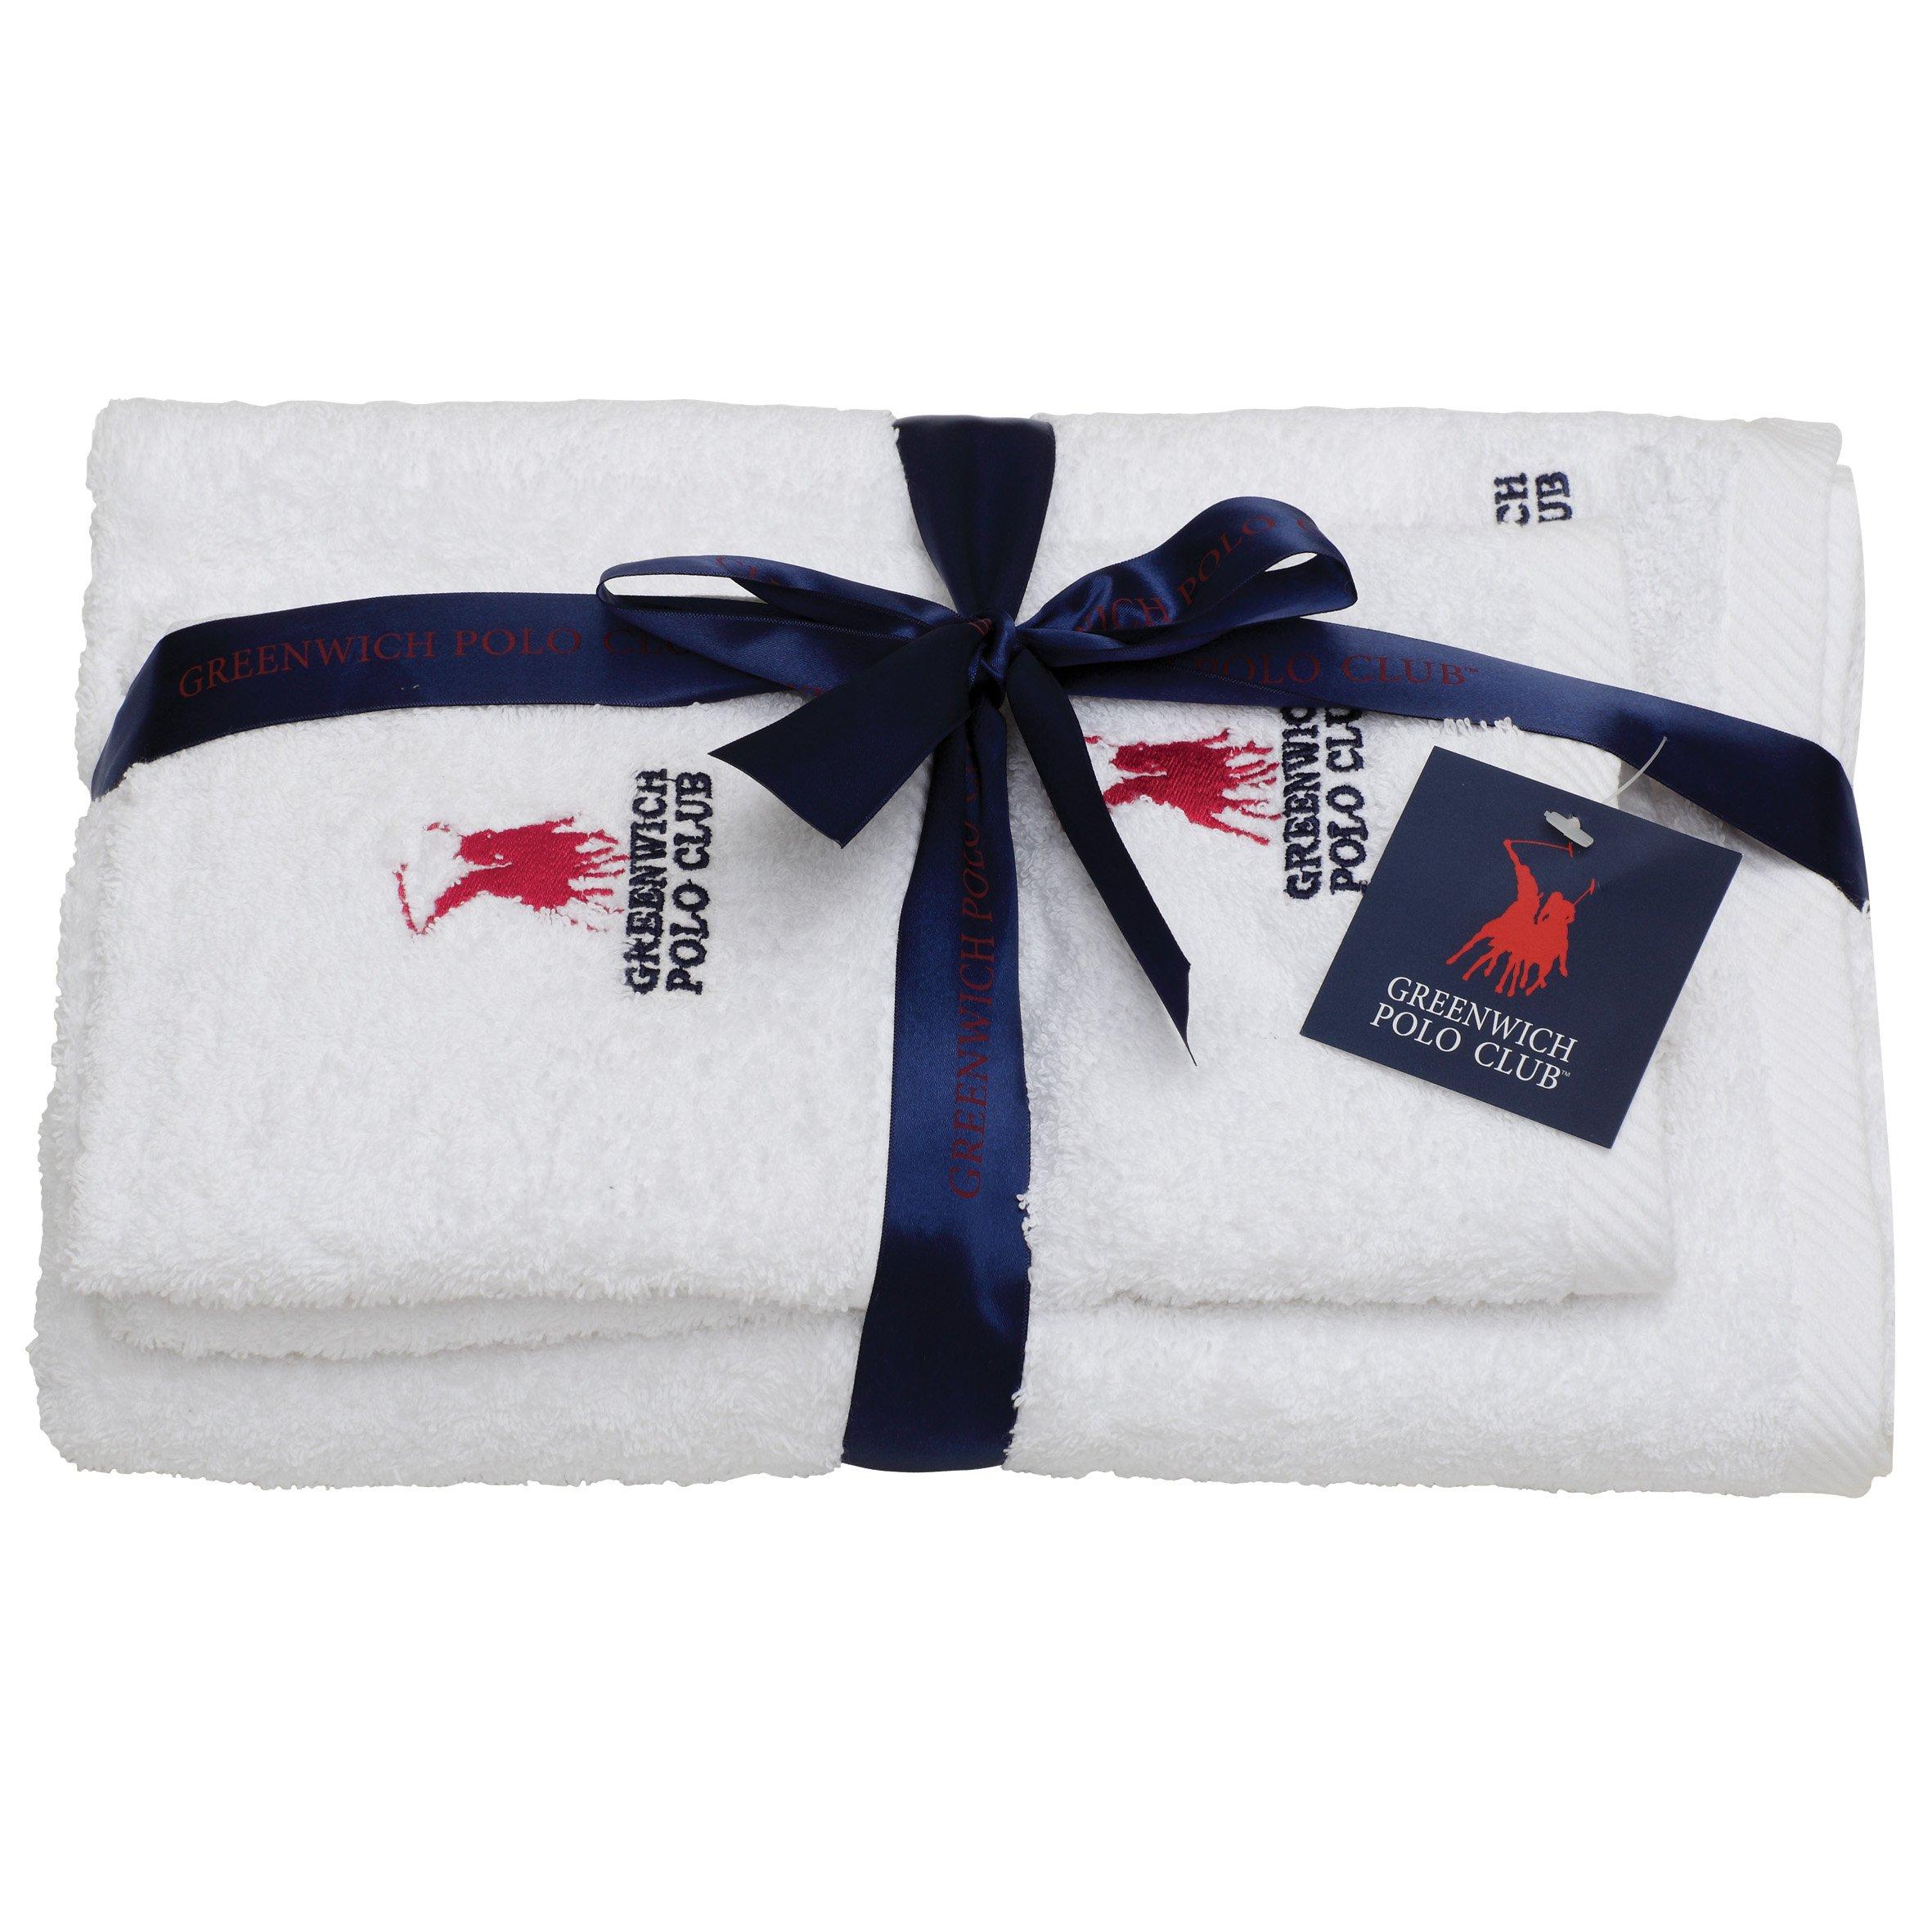 Πετσέτες Μπάνιου (Σετ 3 Τμχ) Greenwich Polo Club Essential 2500 Λευκο